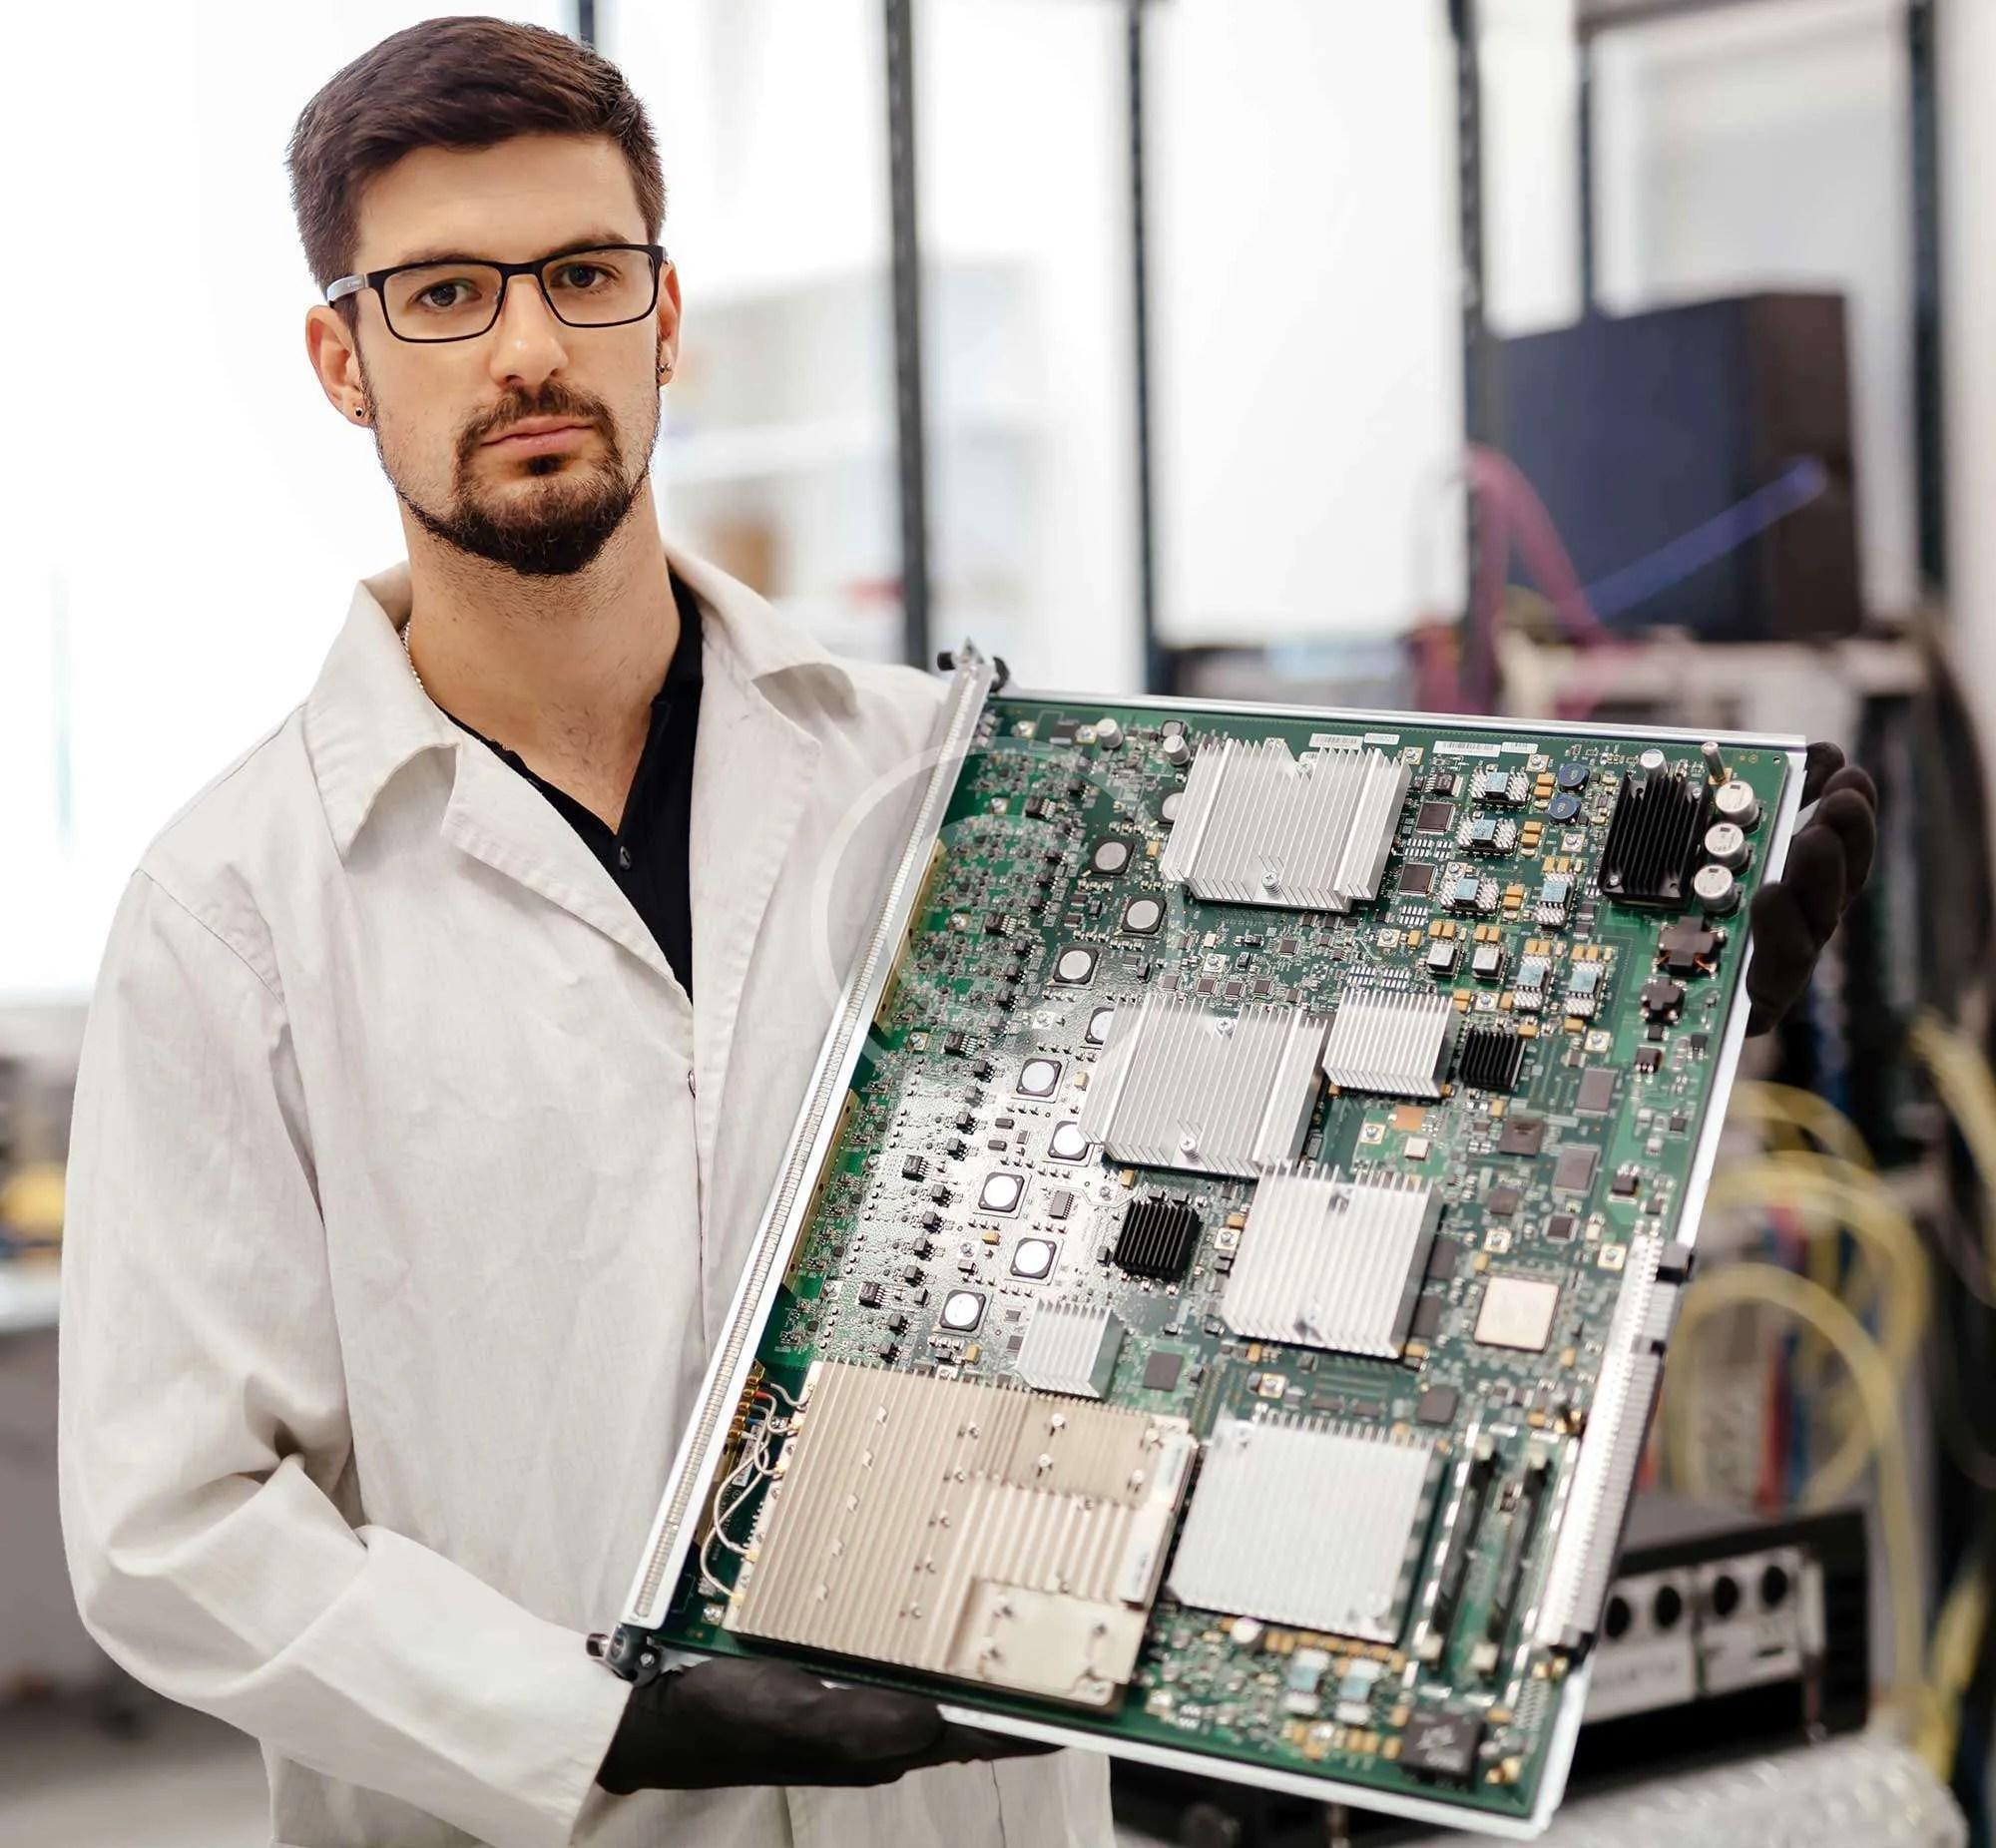 large-electronic-circuit-board